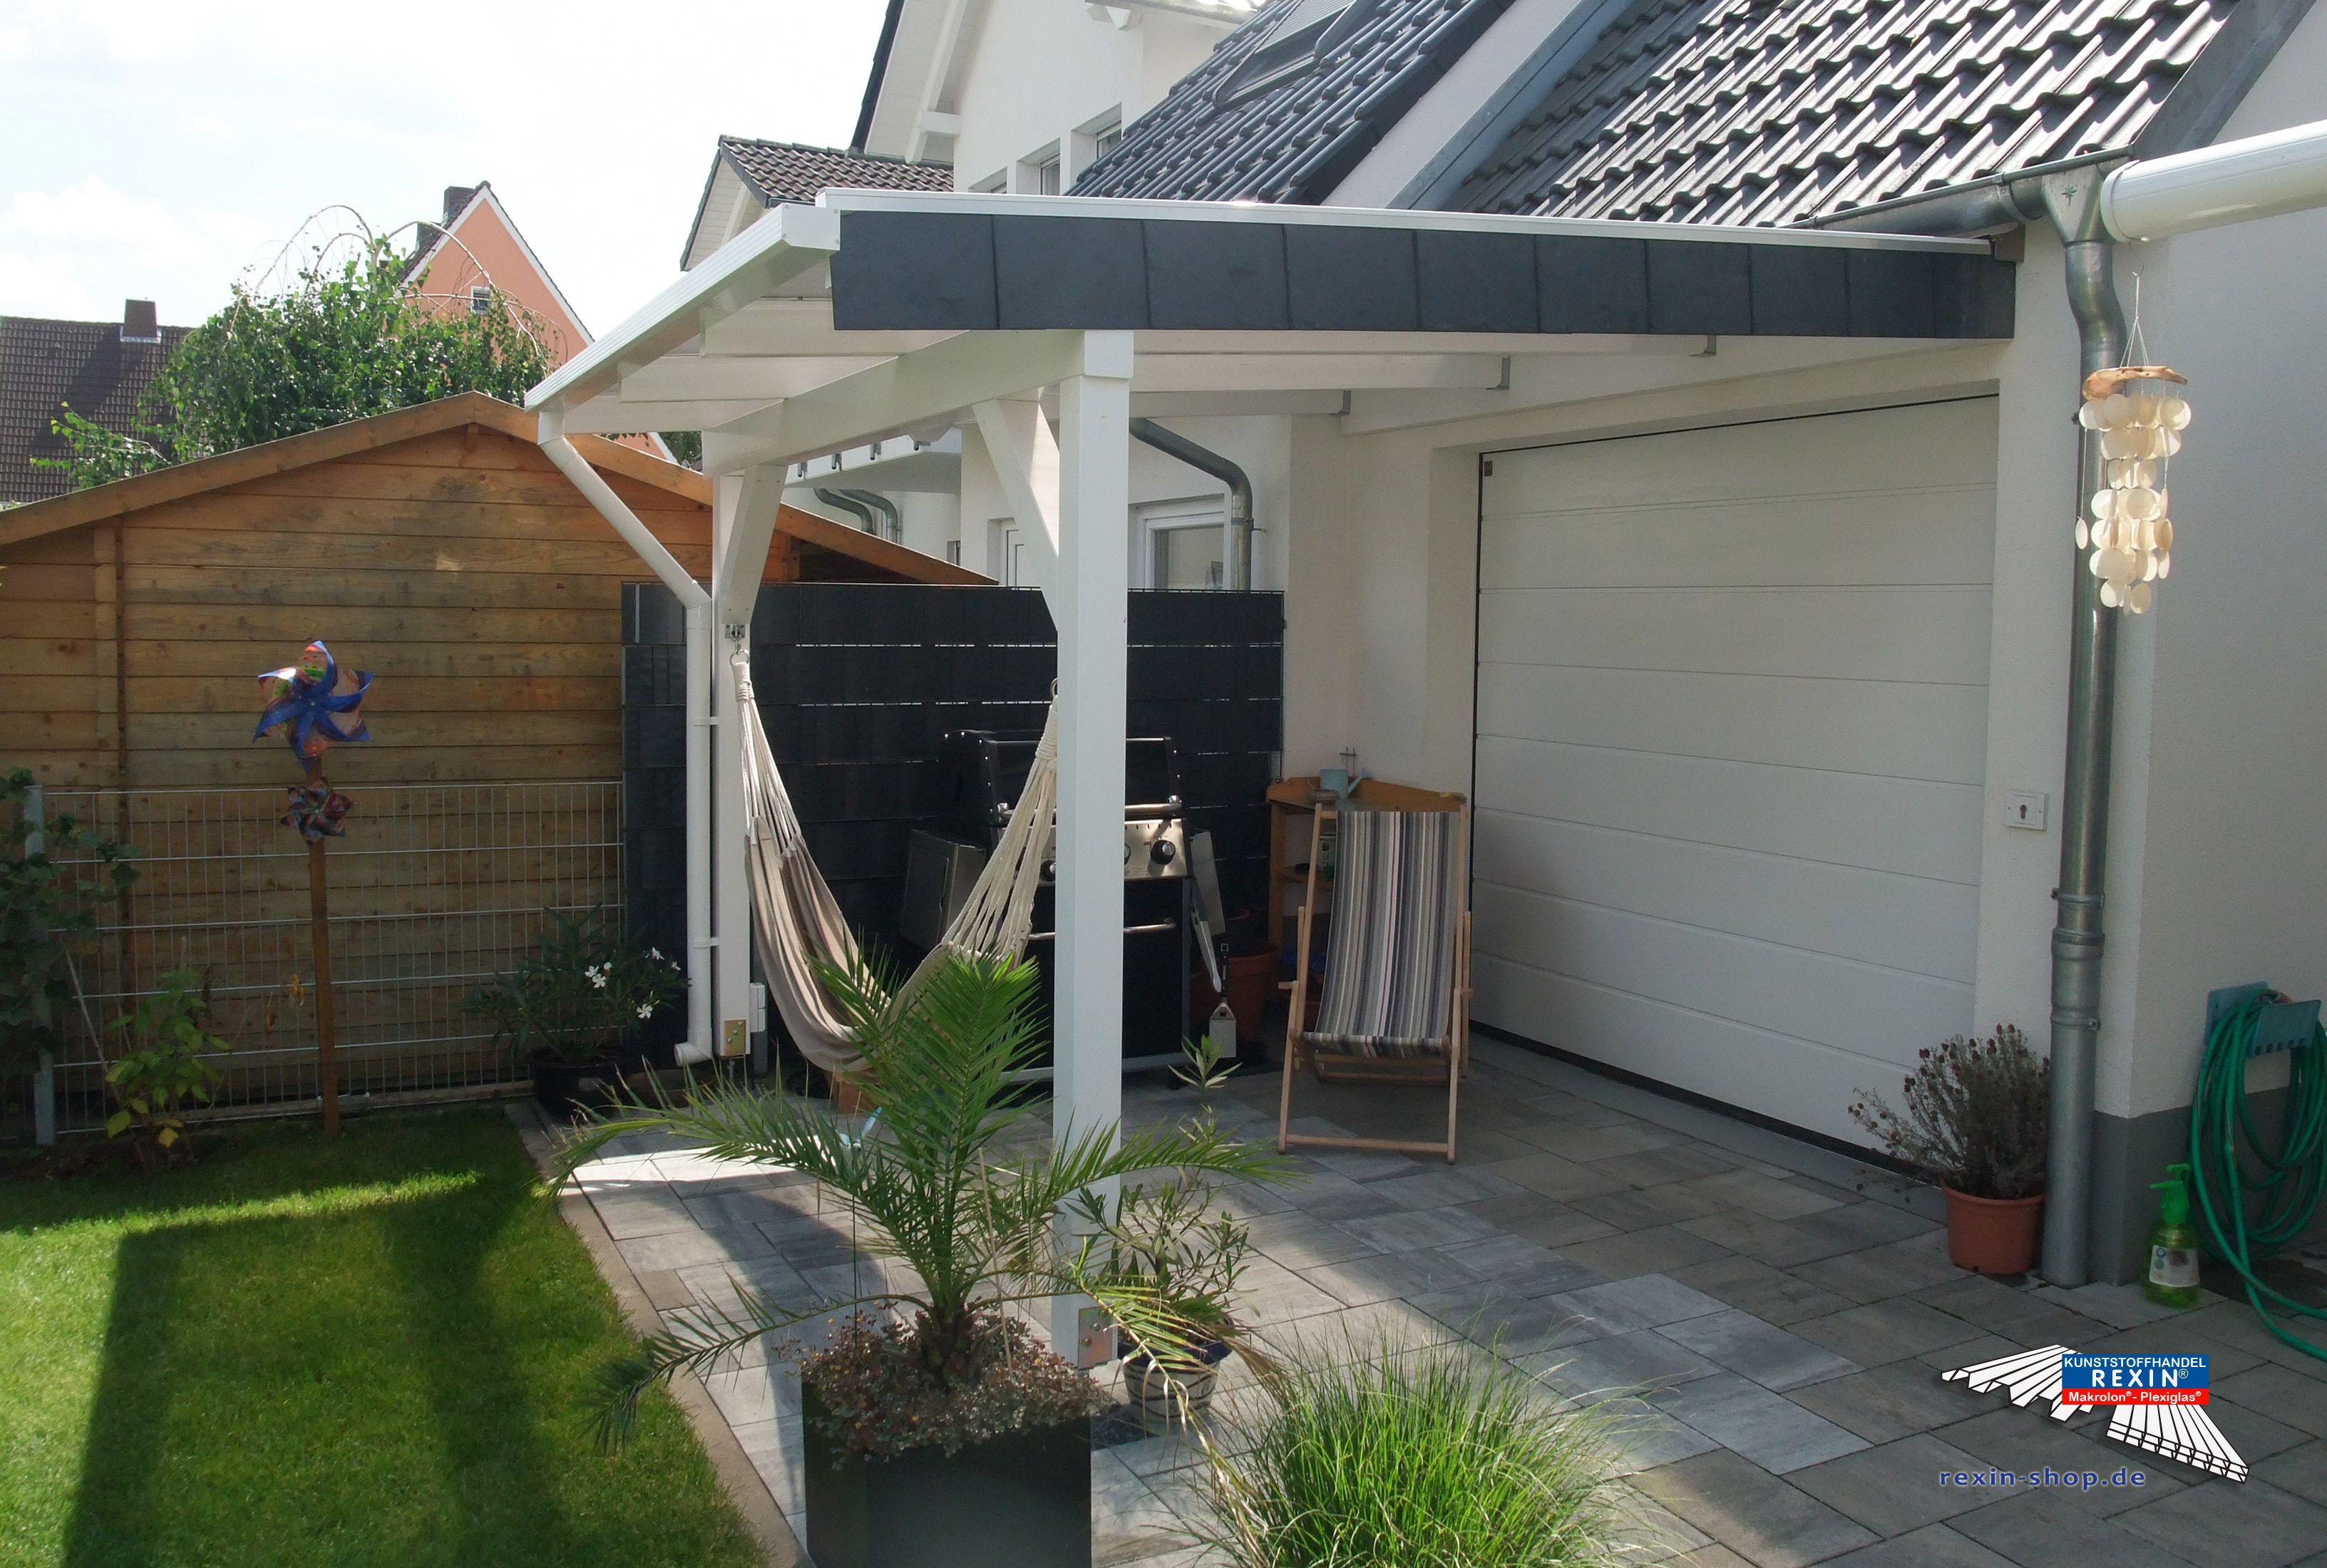 Ein Weisses Holz Terrassendach Der Marke Rexocomplete 3m X 6m Mit Pc